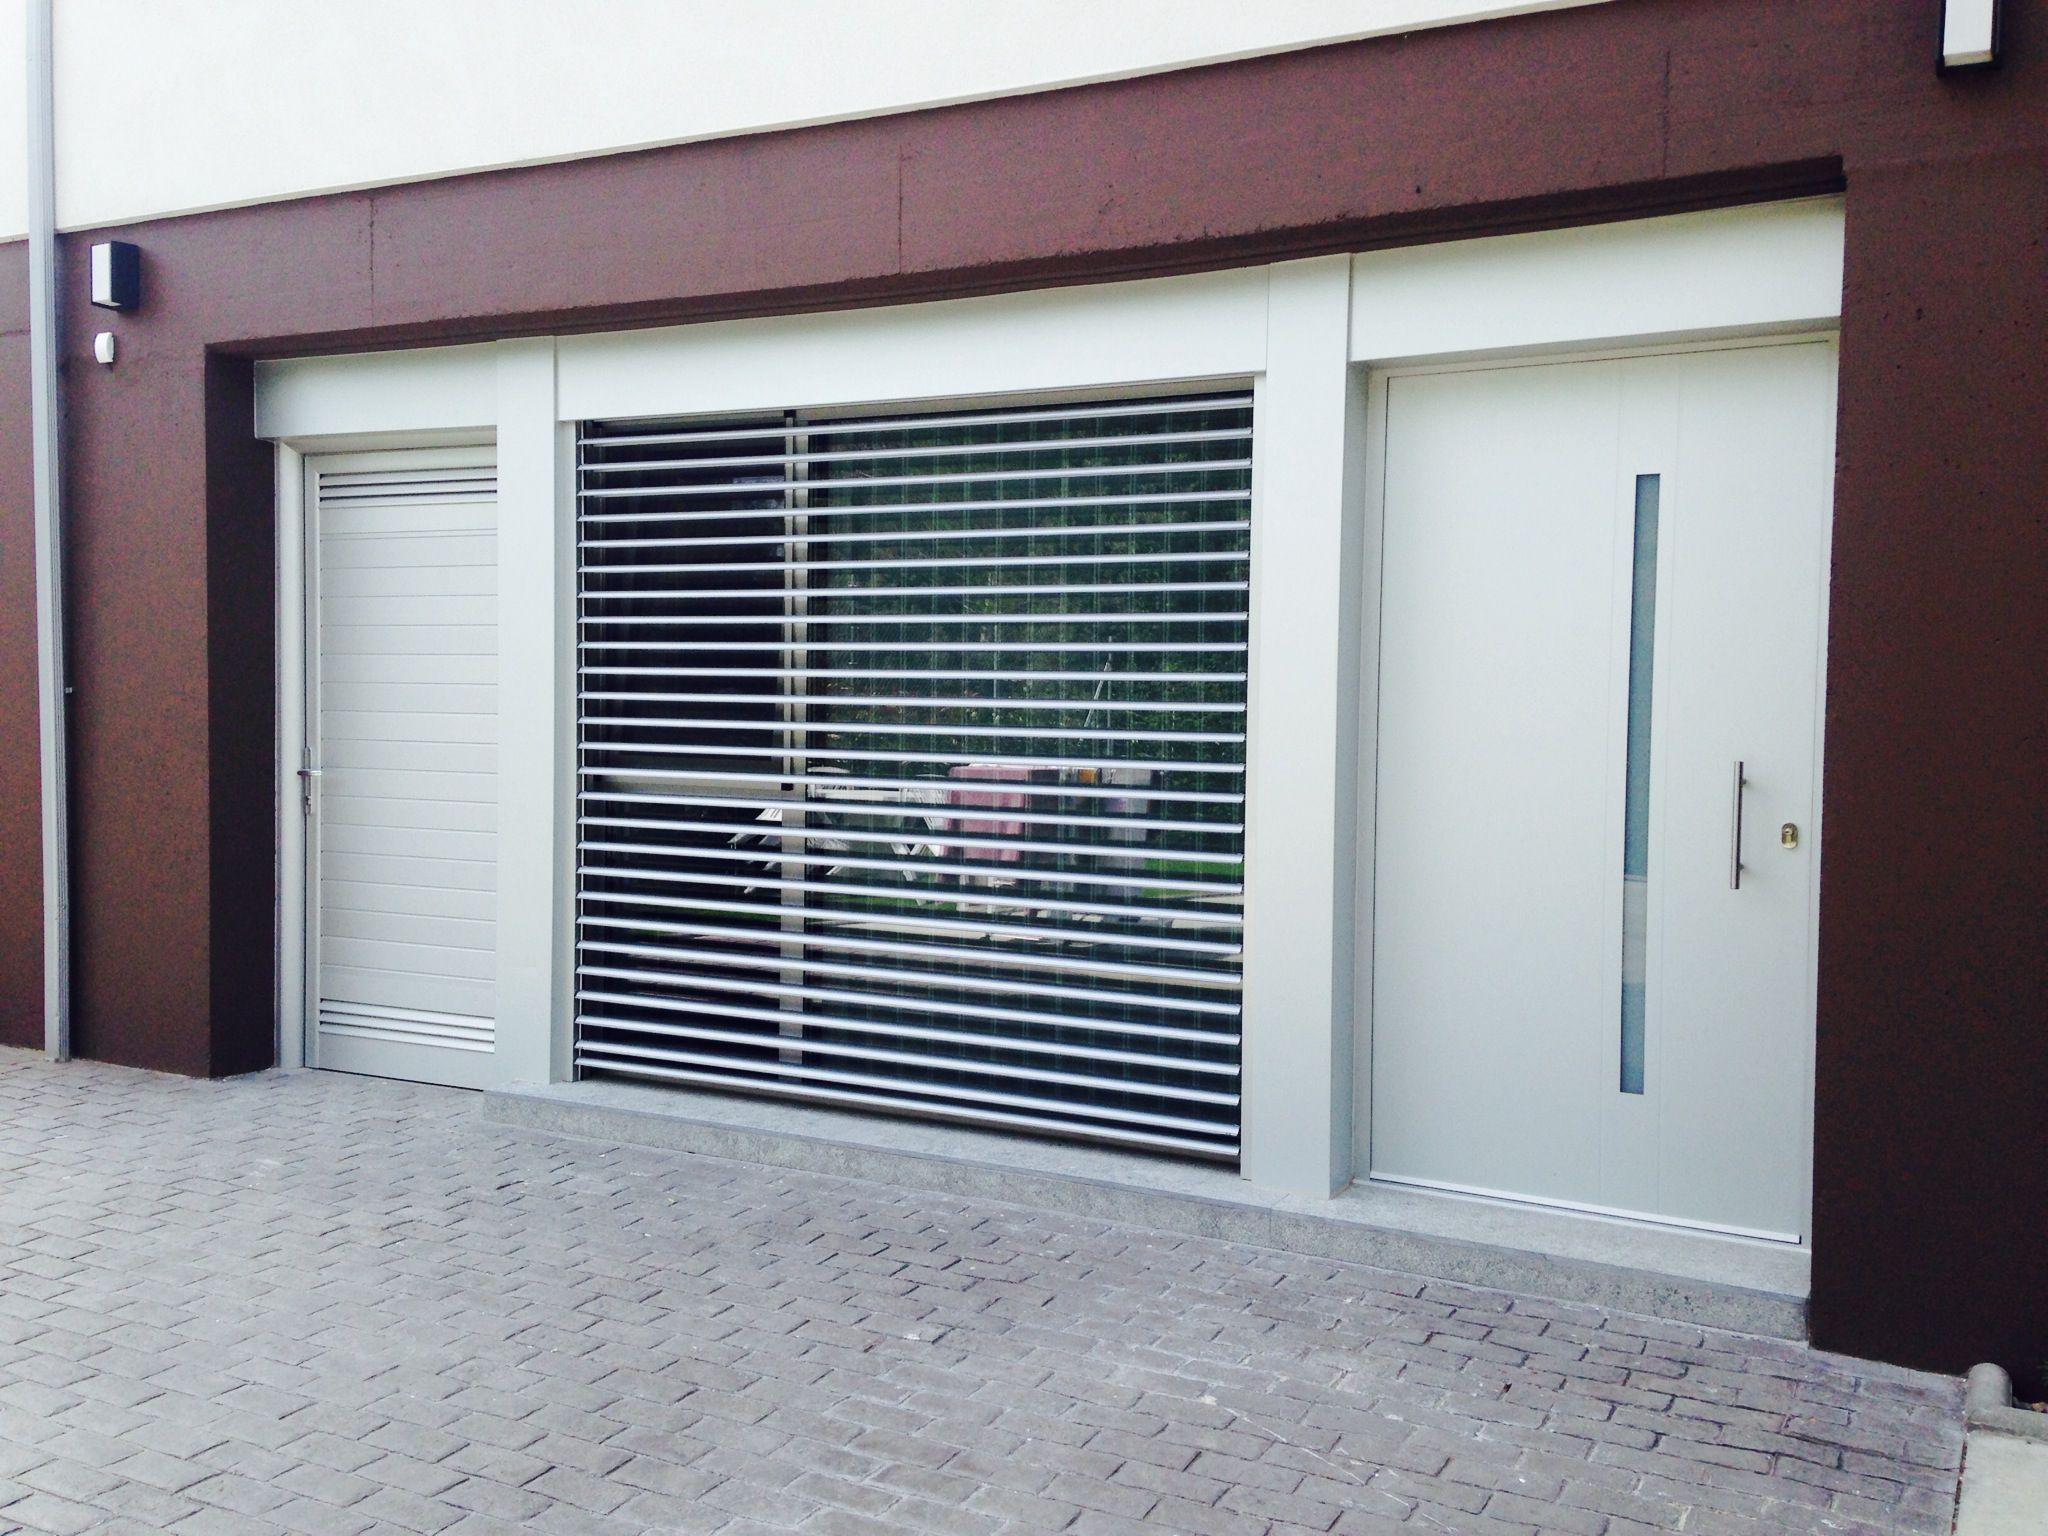 Foto 5 de Carpintería de aluminio, metálica y PVC en Terrassa | Tancaments Cusidó